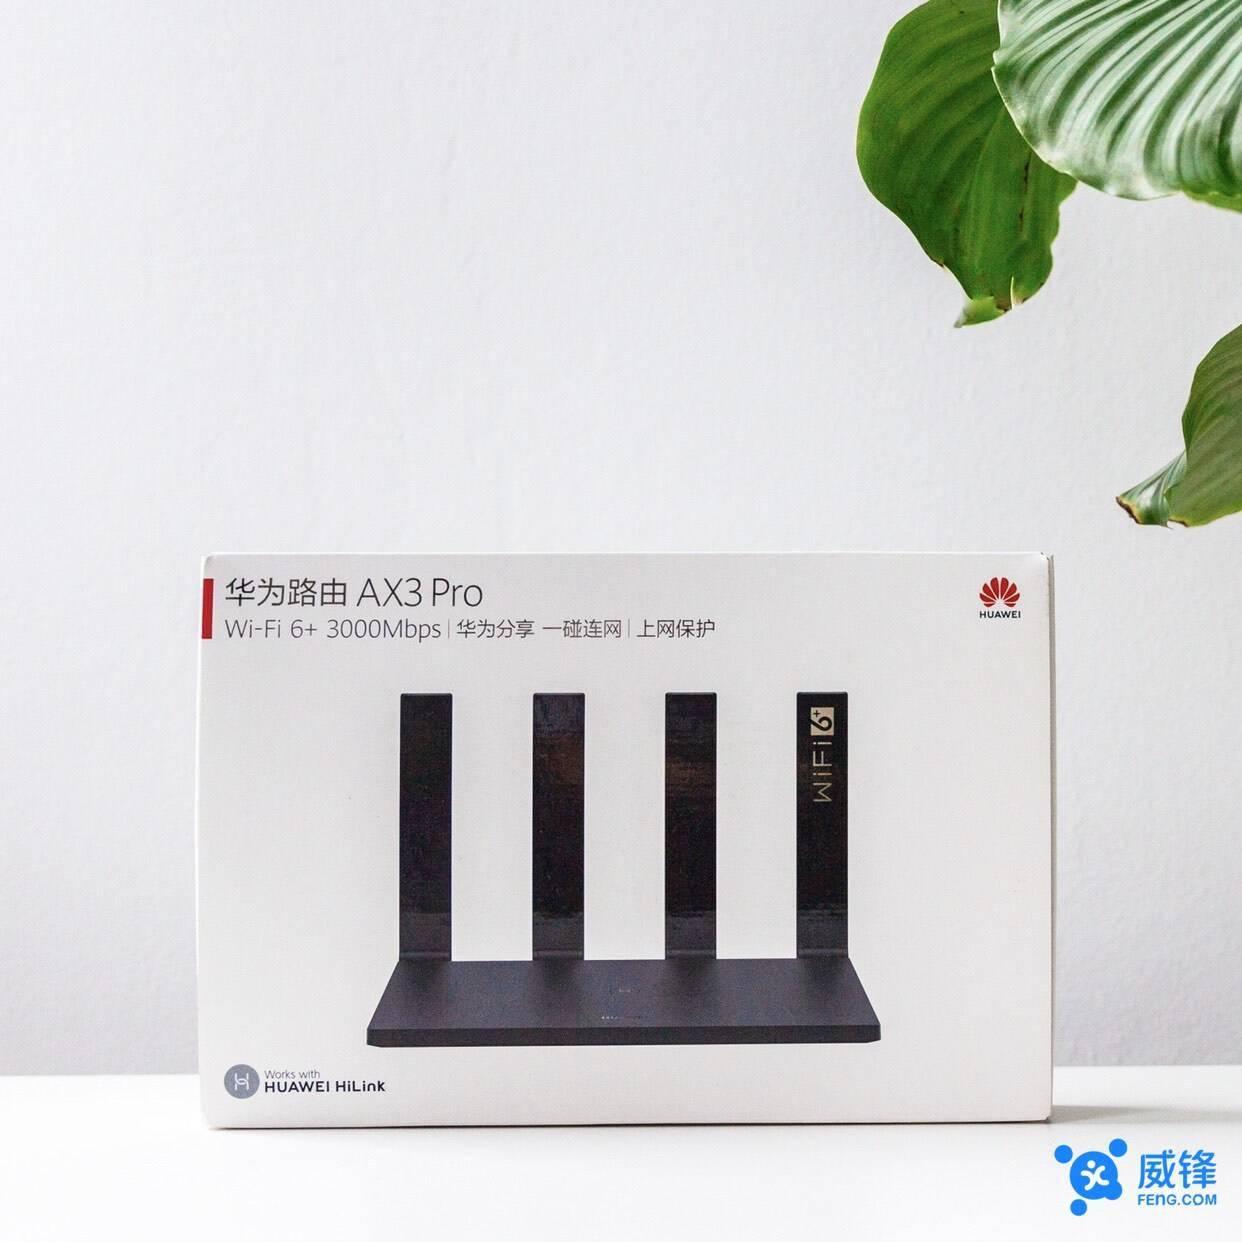 华为 AX3 Pro 路由器体验:有得有失的 Wi-Fi 6 路由入门之选